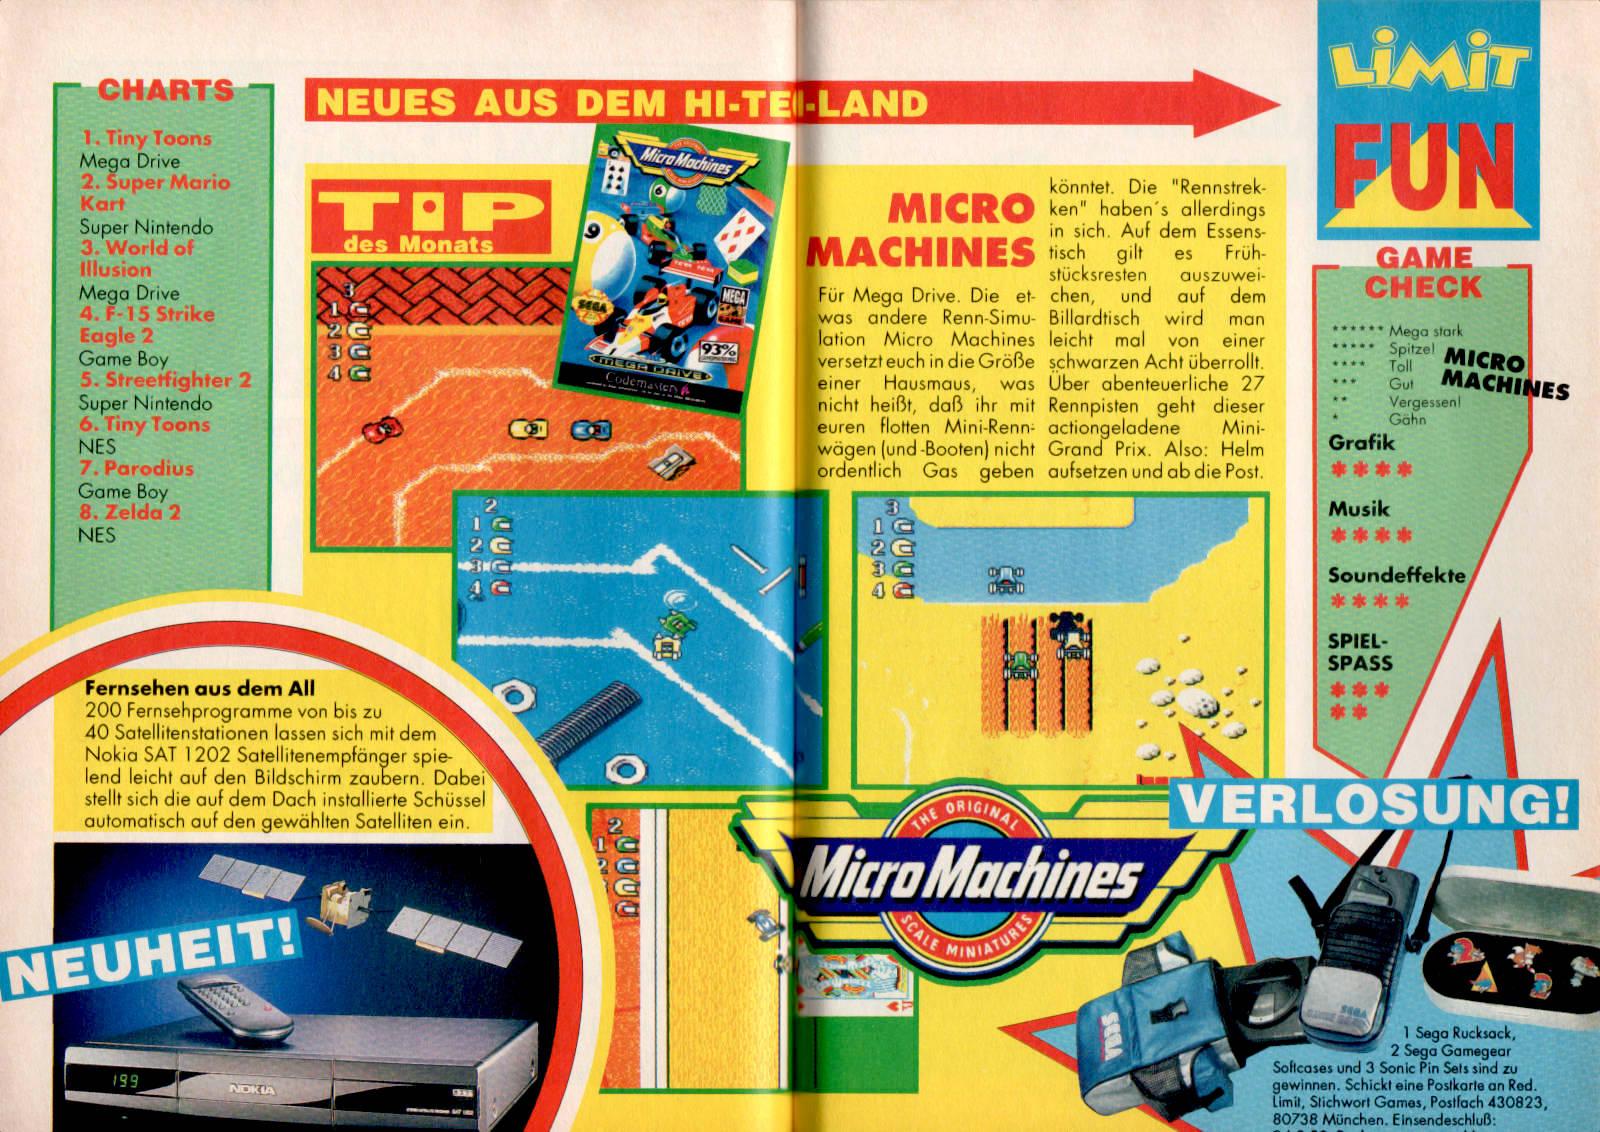 Werbeanzeige für Micro Machines für das SEGA Mega Drive inkl. SEGA Zubehör. Disney's LIMIT Magazin, Ausgabe Nr. 8 vom August 1993. (Bildrechte: Egmont Ehapa Media GmbH)